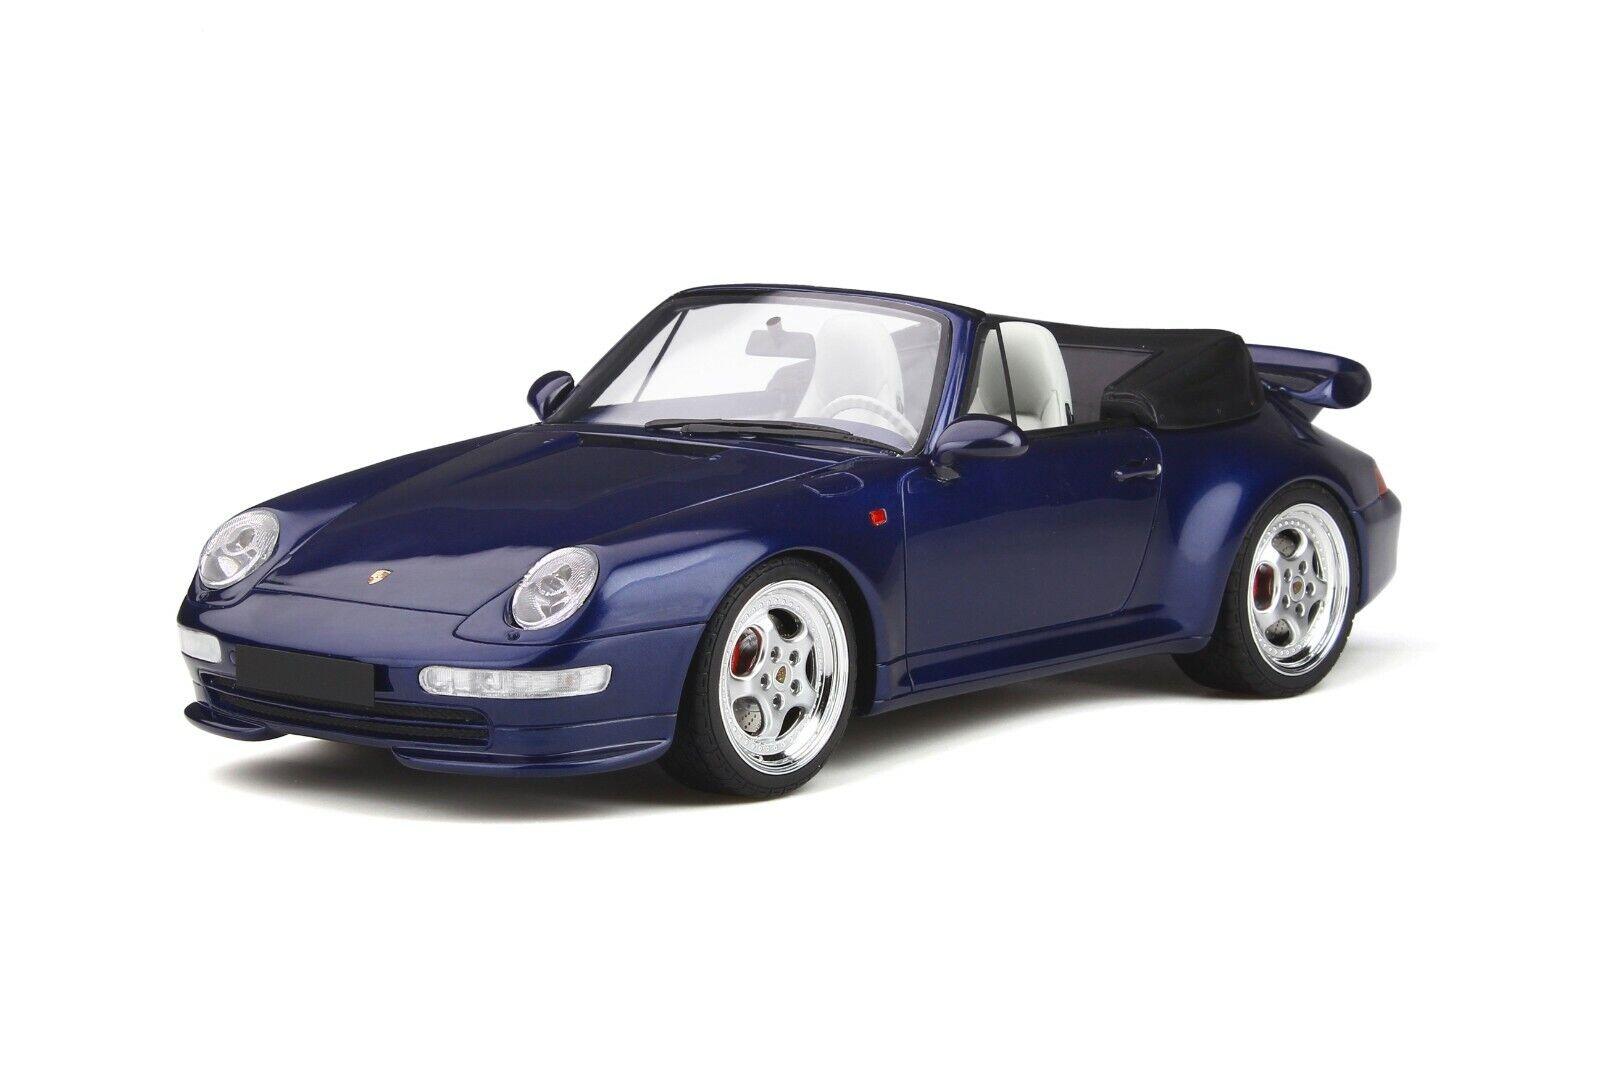 PRE ORDER PRE-COMhommeDE PORSCHE  911 993 TURBO CABRIOLET 1 18 GT Spirit OttO GT257  achats en ligne et magasin de mode